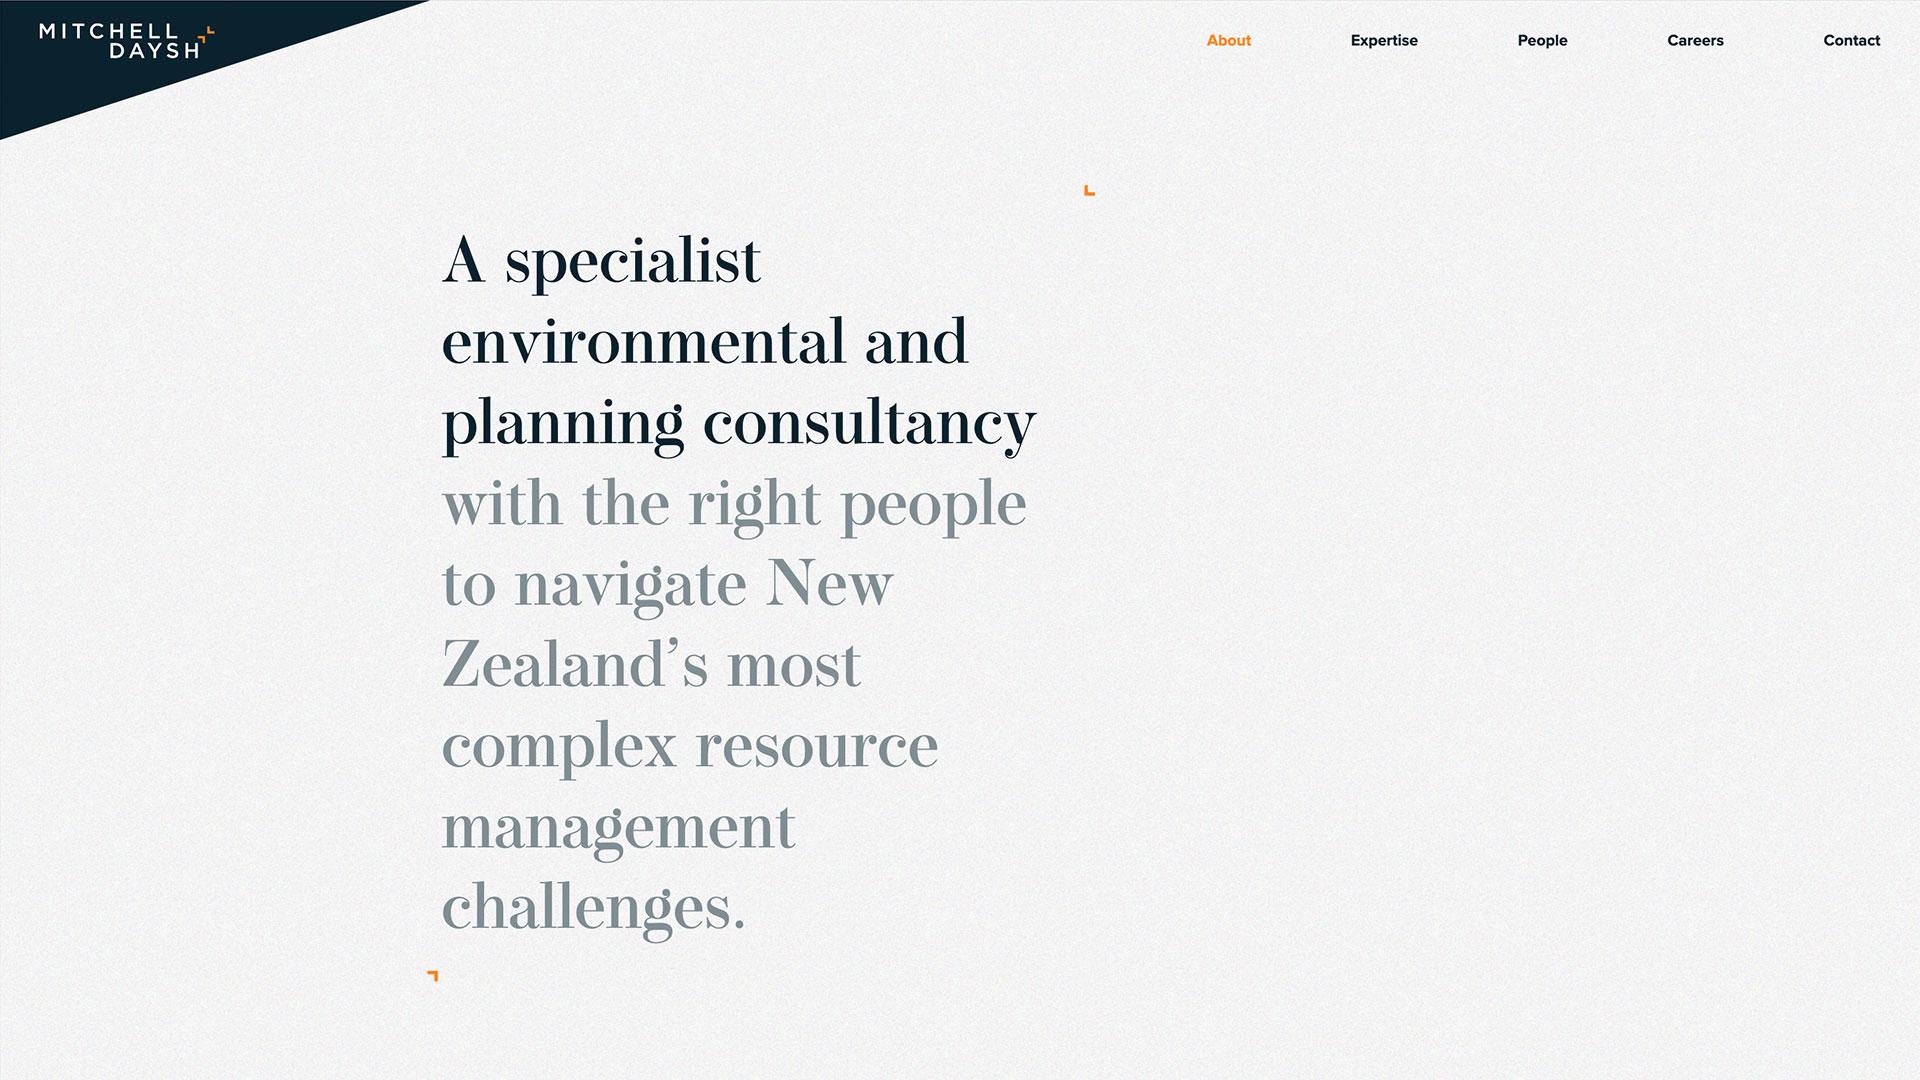 Mitchell Daysh Website About